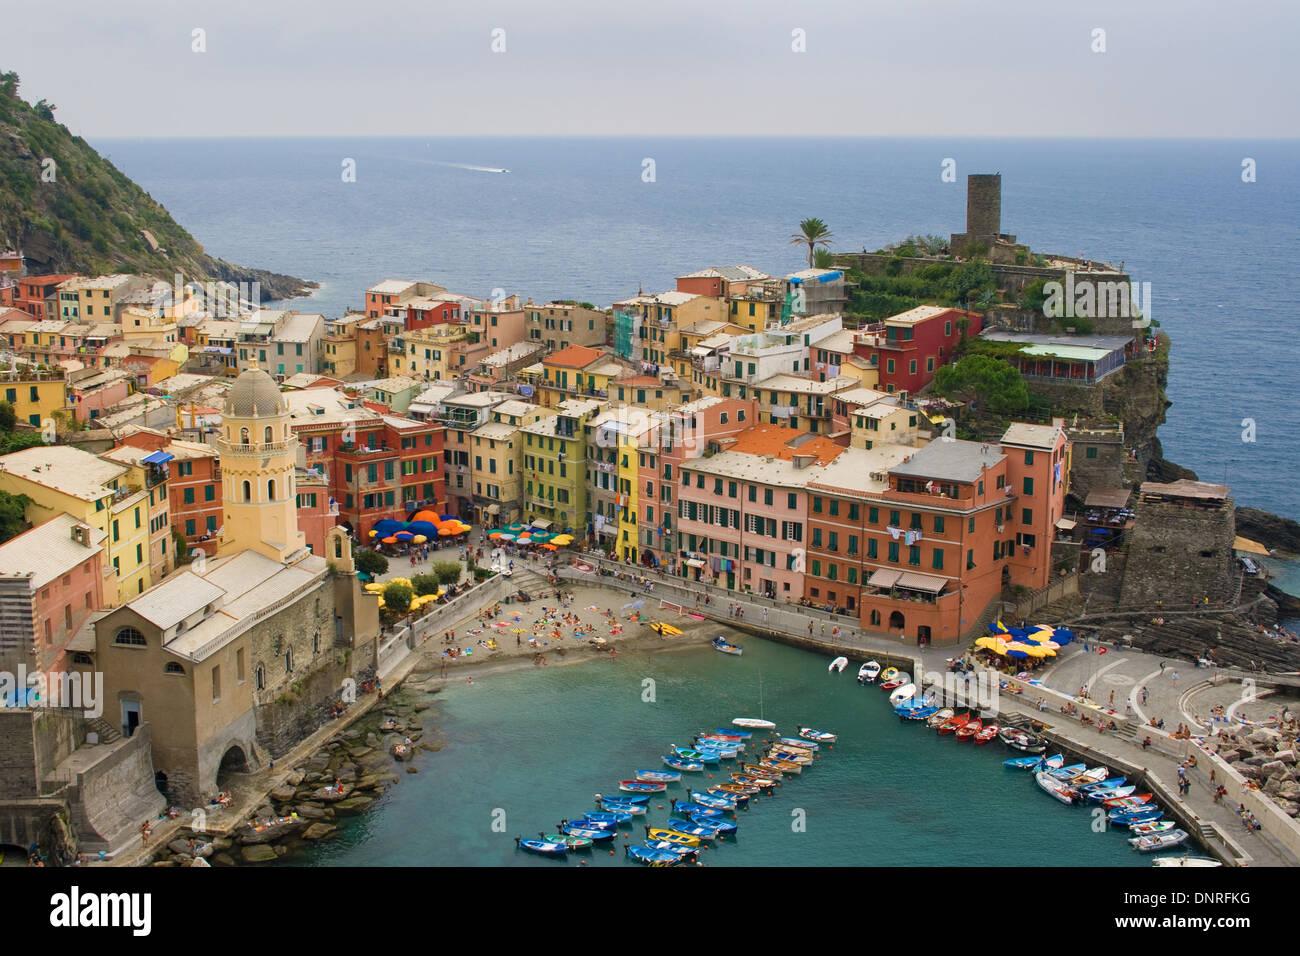 Vernazza, einer der fünf Dörfer der Cinque Terre, Italien. Stockfoto